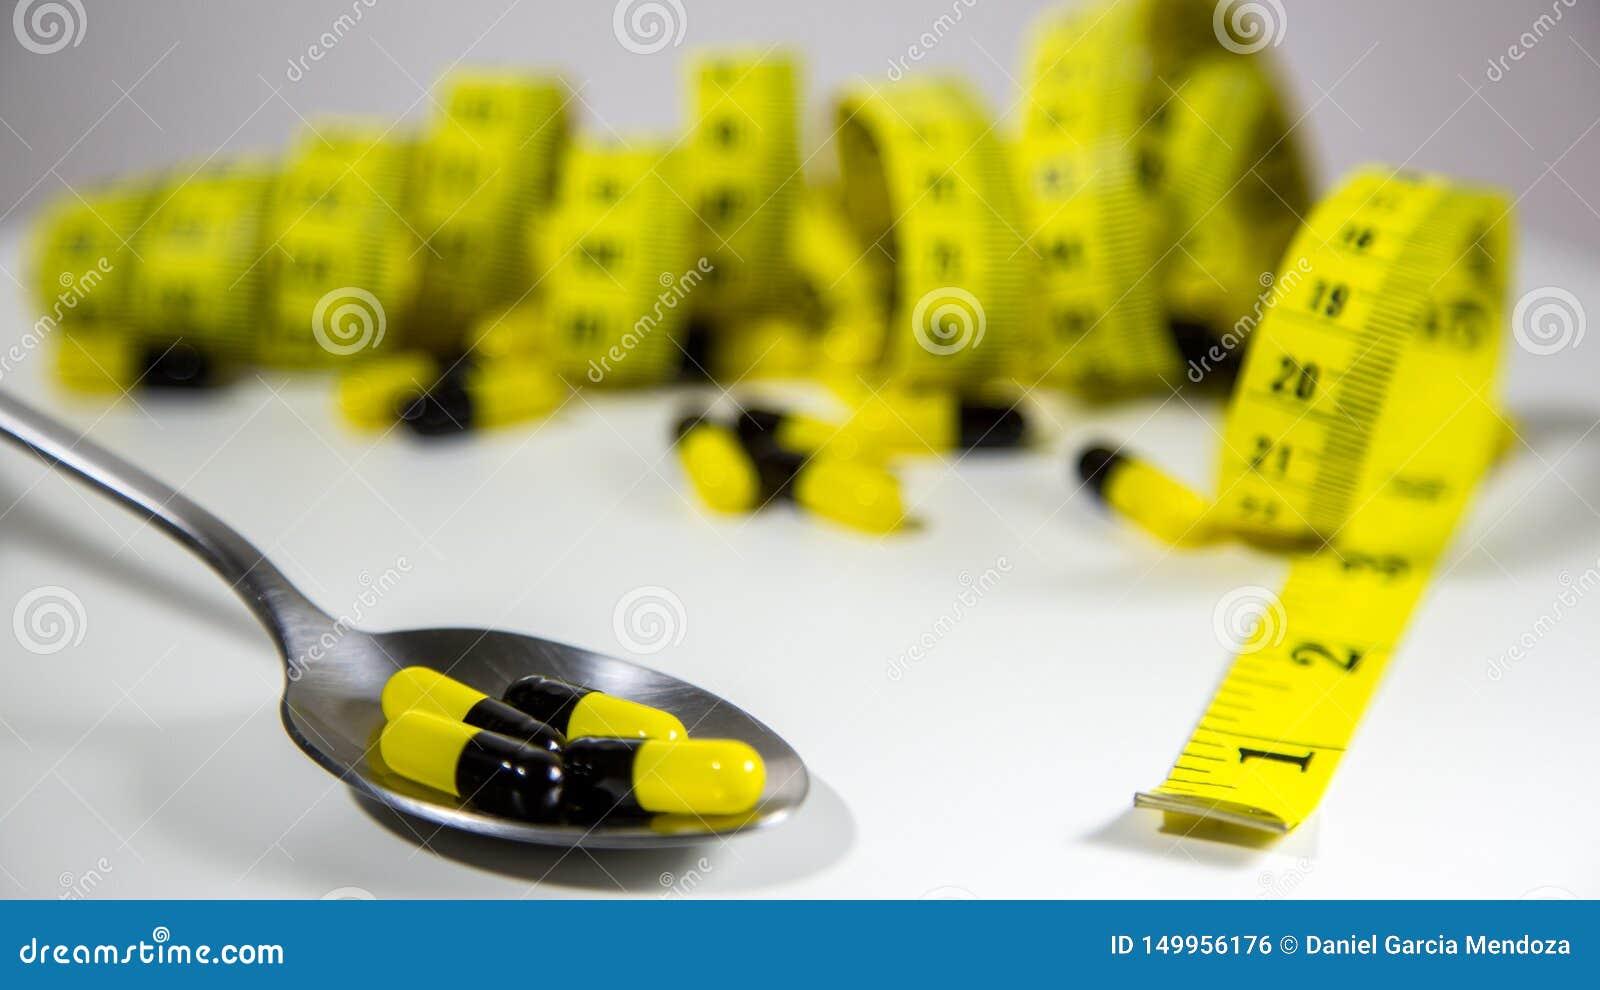 Lepel met pillen en het meten van band om de industrie van de dieetpil te vertegenwoordigen